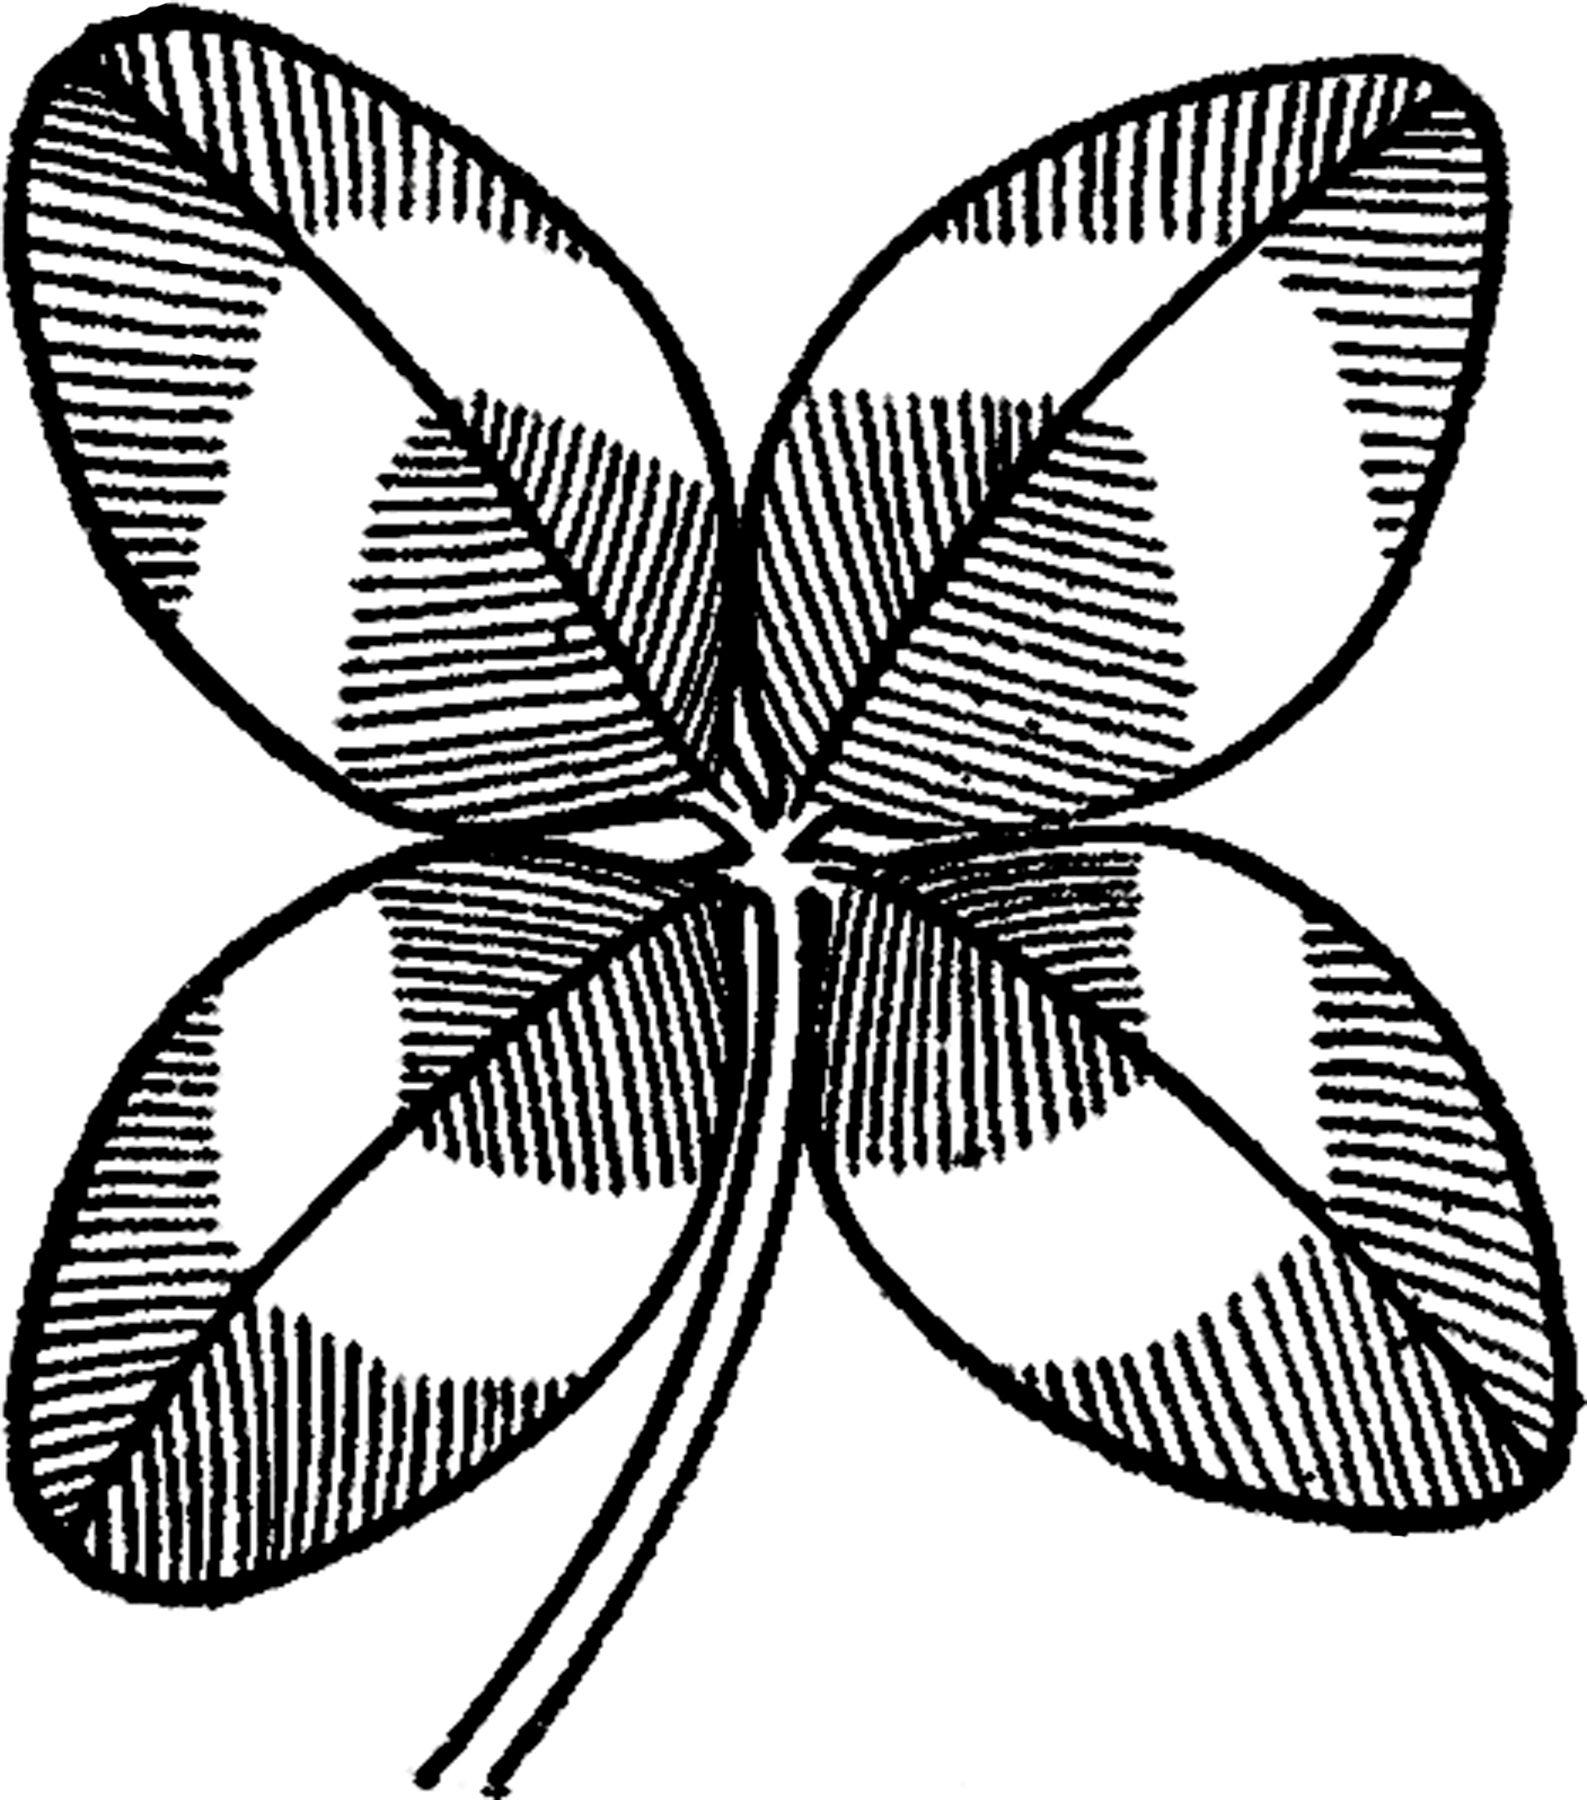 1587x1800 Vintage Four Leaf Clover Image Leaf Clover, Leaves And Graphics